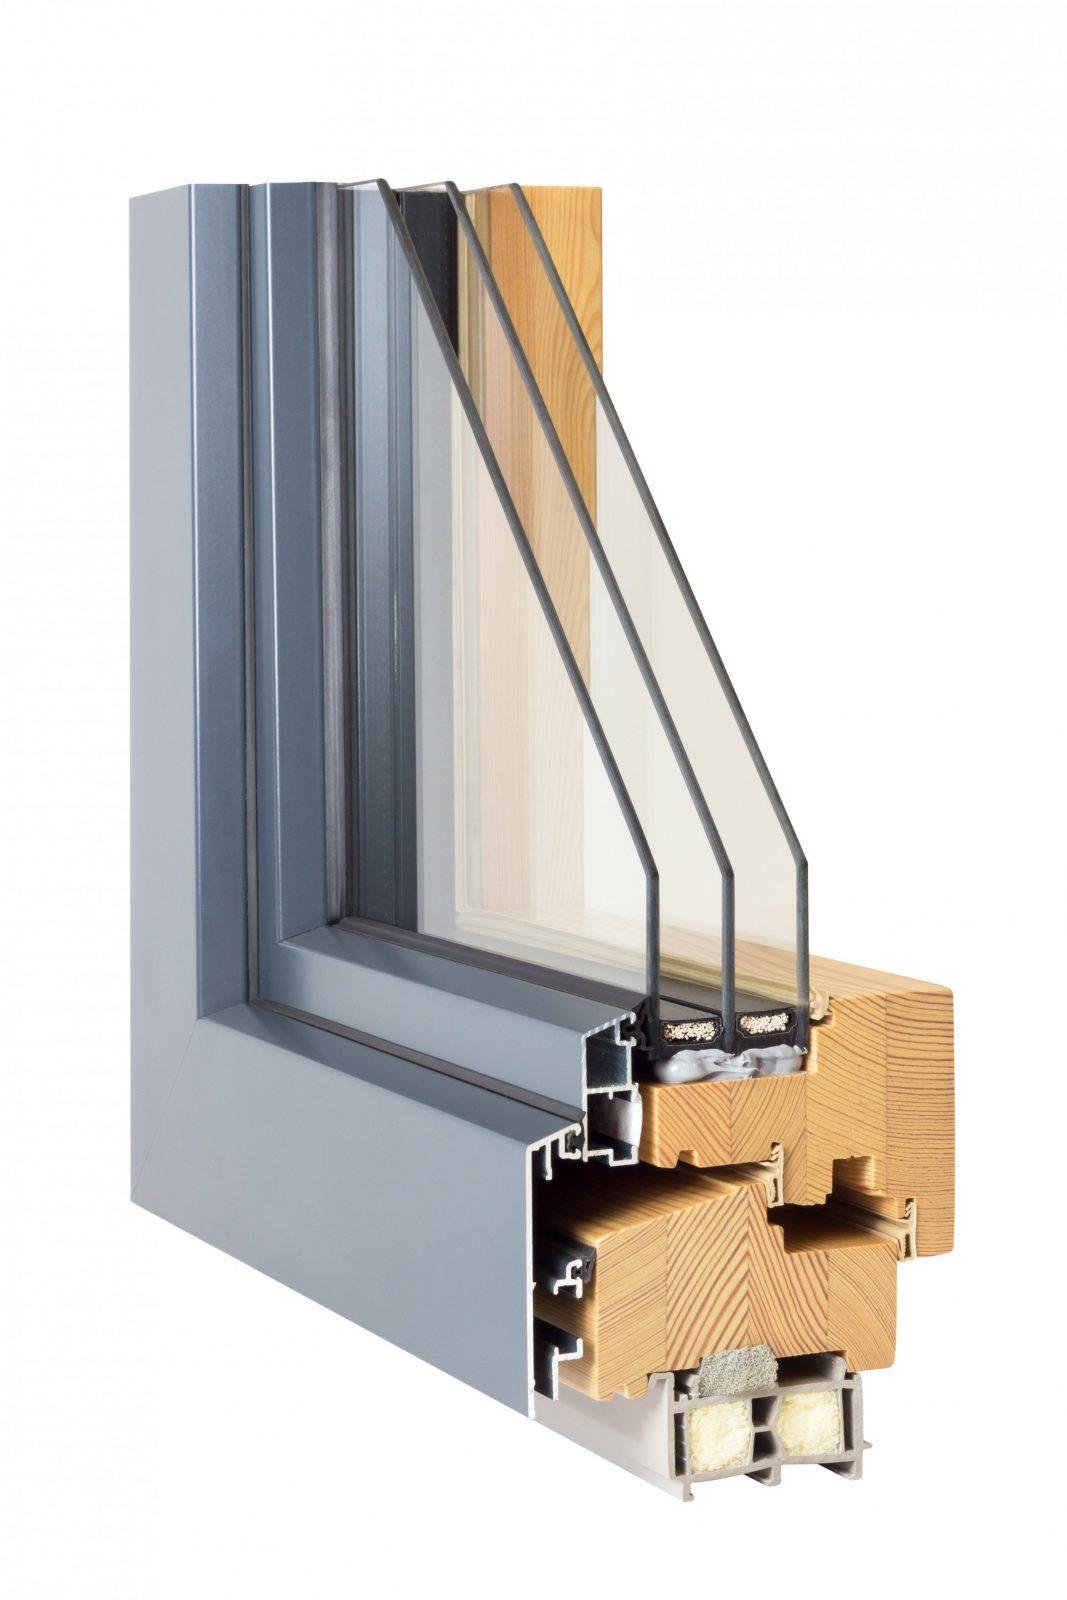 Ajm von Fenster 3 Fach Verglasung Nachteile Bild